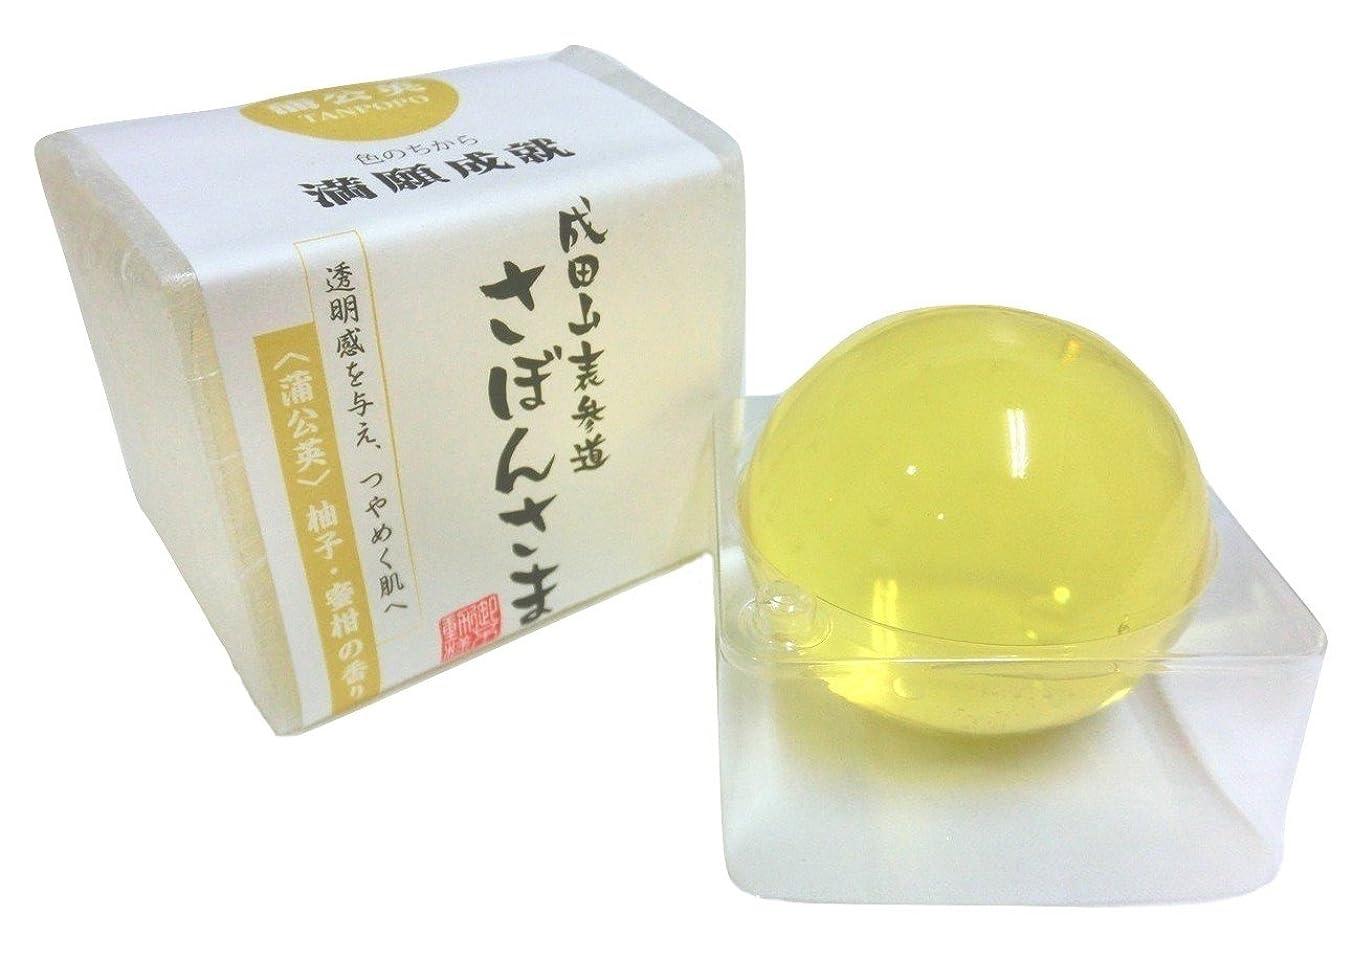 ブーム菊瞬時に成田山表参道 さぼんさま〈蒲公英〉柚子?密柑の香り 100g